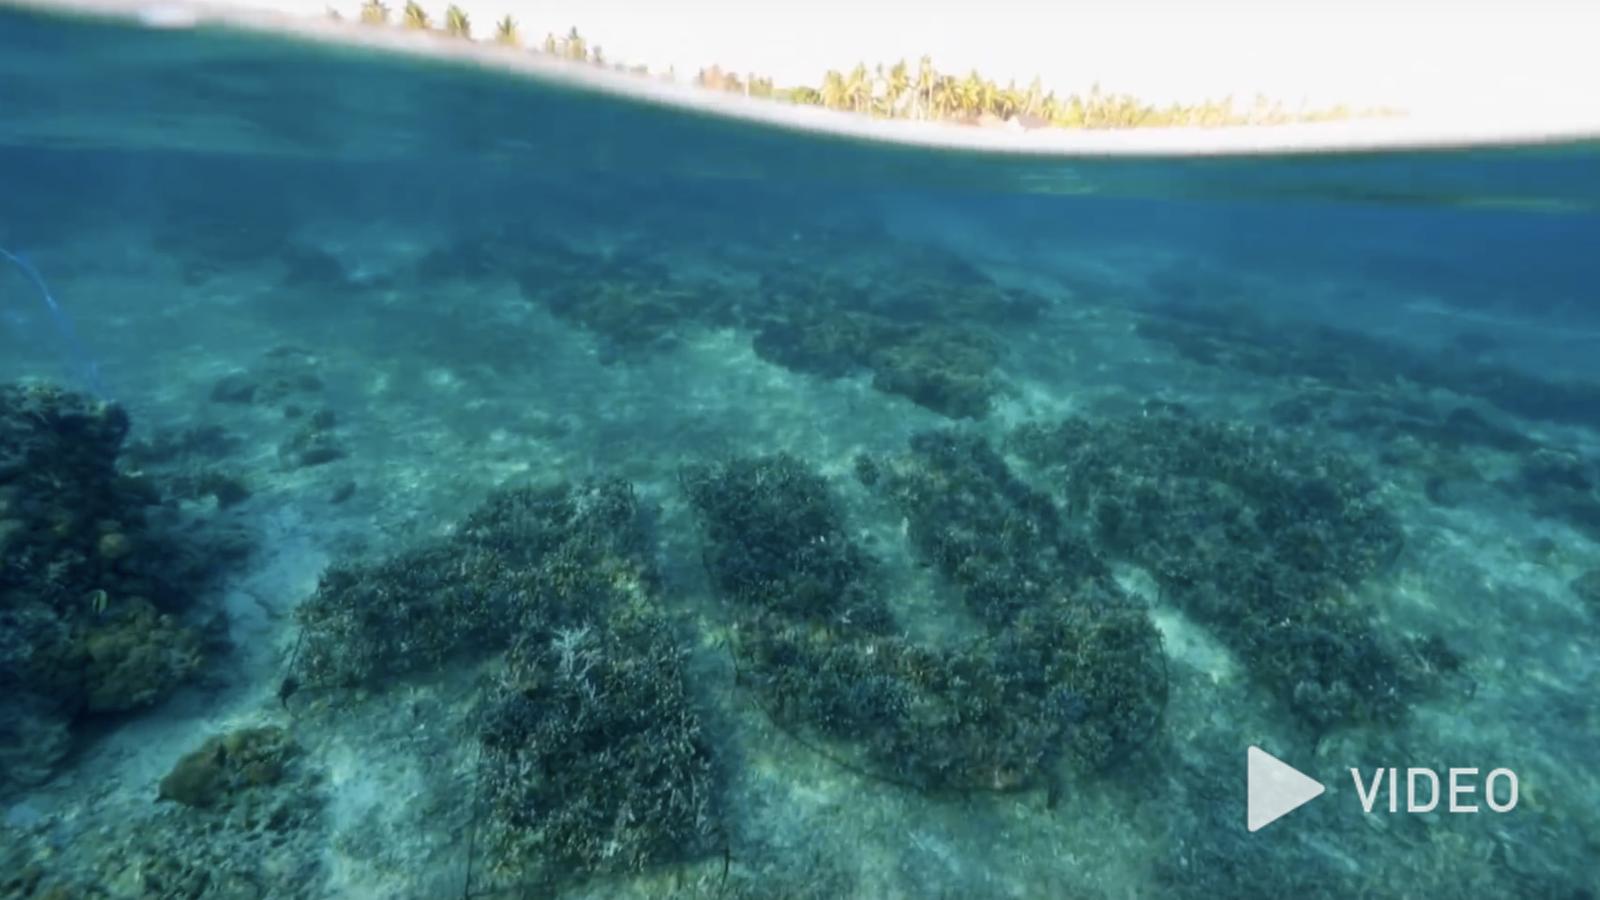 1UP zeigt die Entstehung des ersten 3D-Graffiti unter Wasser [Video]